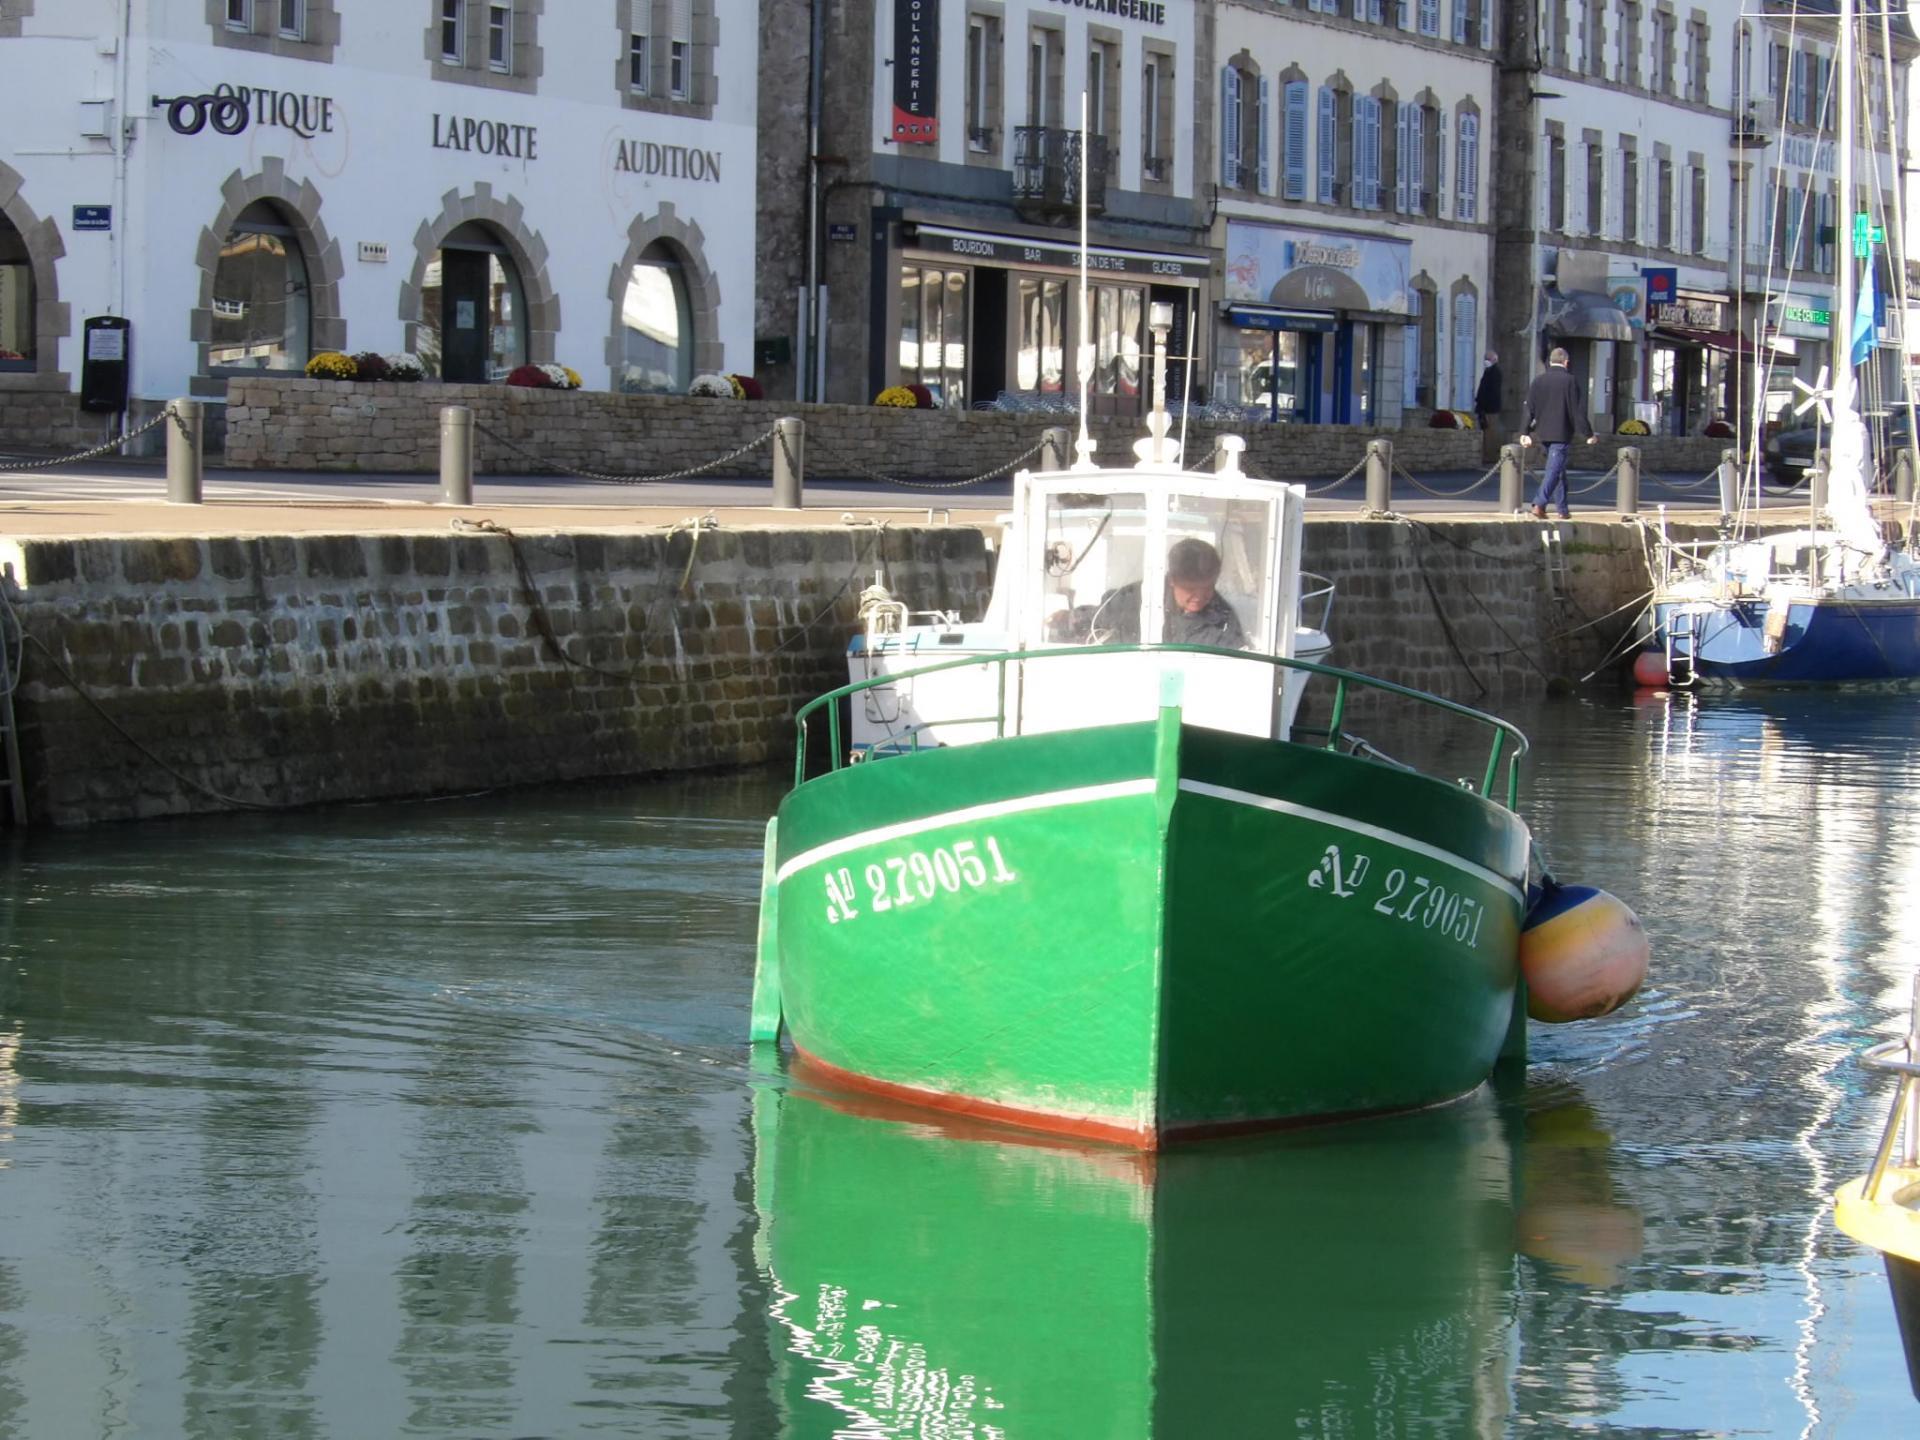 201112 marie monique port a